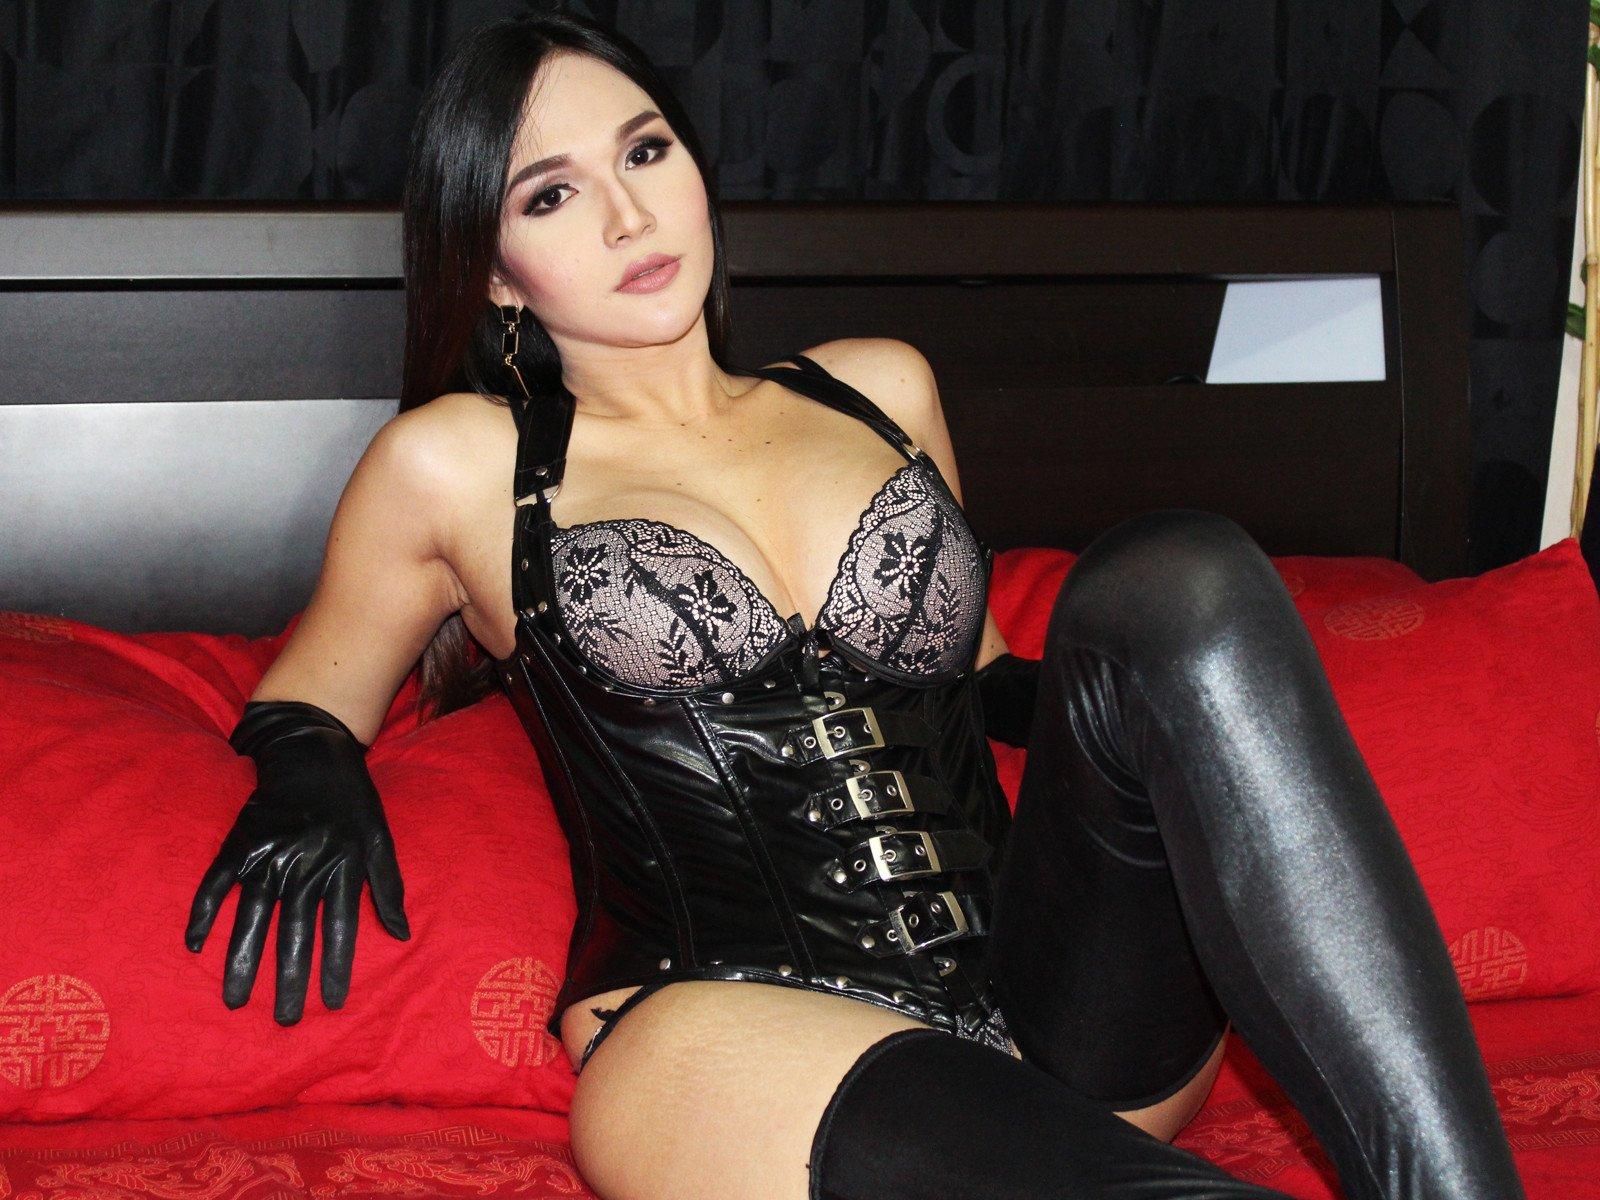 kisok-laskayushih-smotret-tolko-foto-seksa-transvestitov-dlya